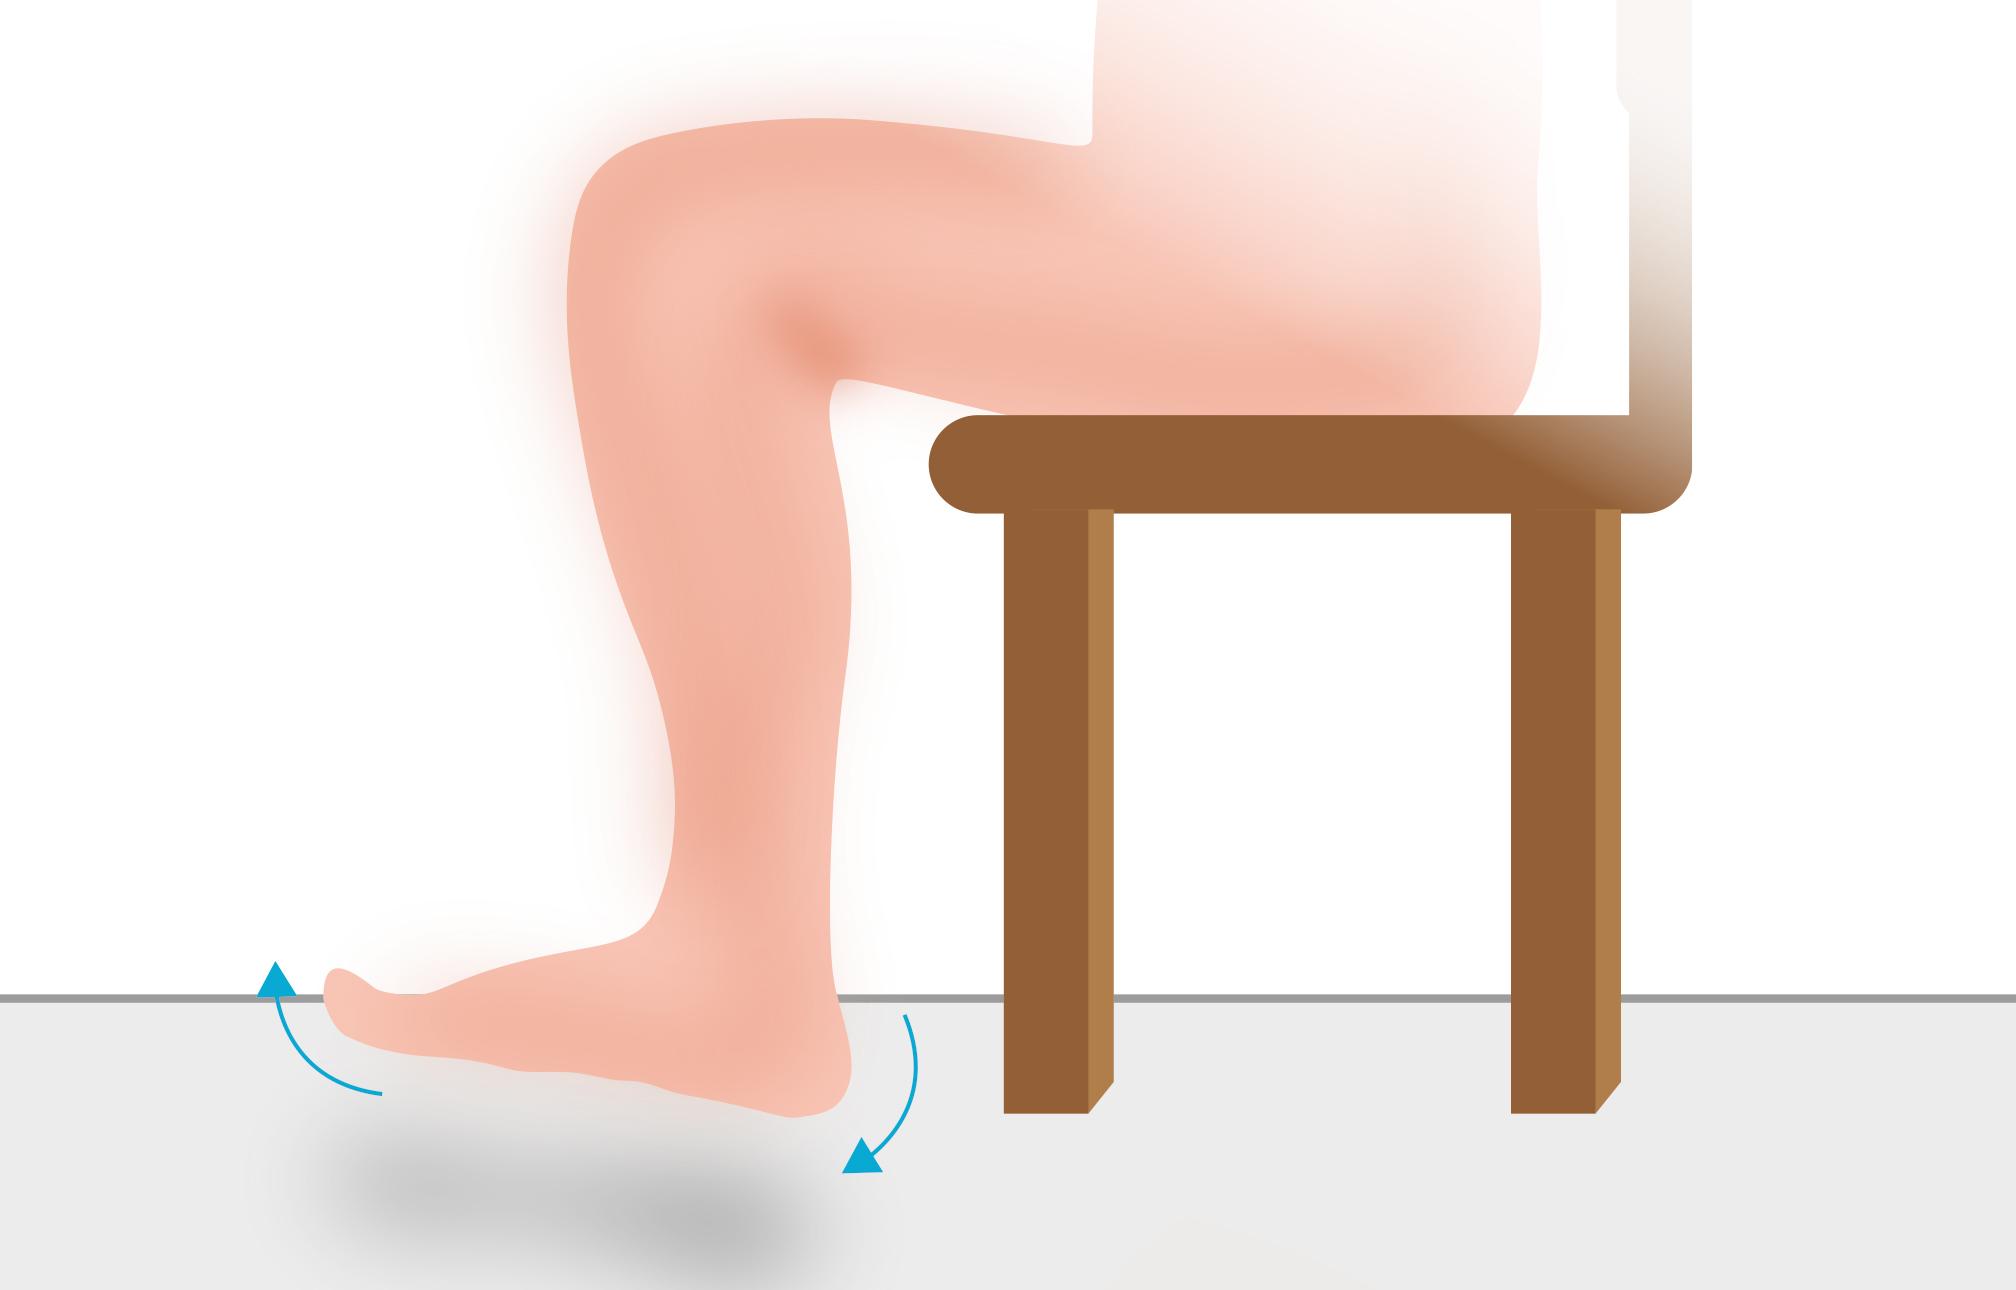 Fußwippe-Thromboseübung Schritt 1